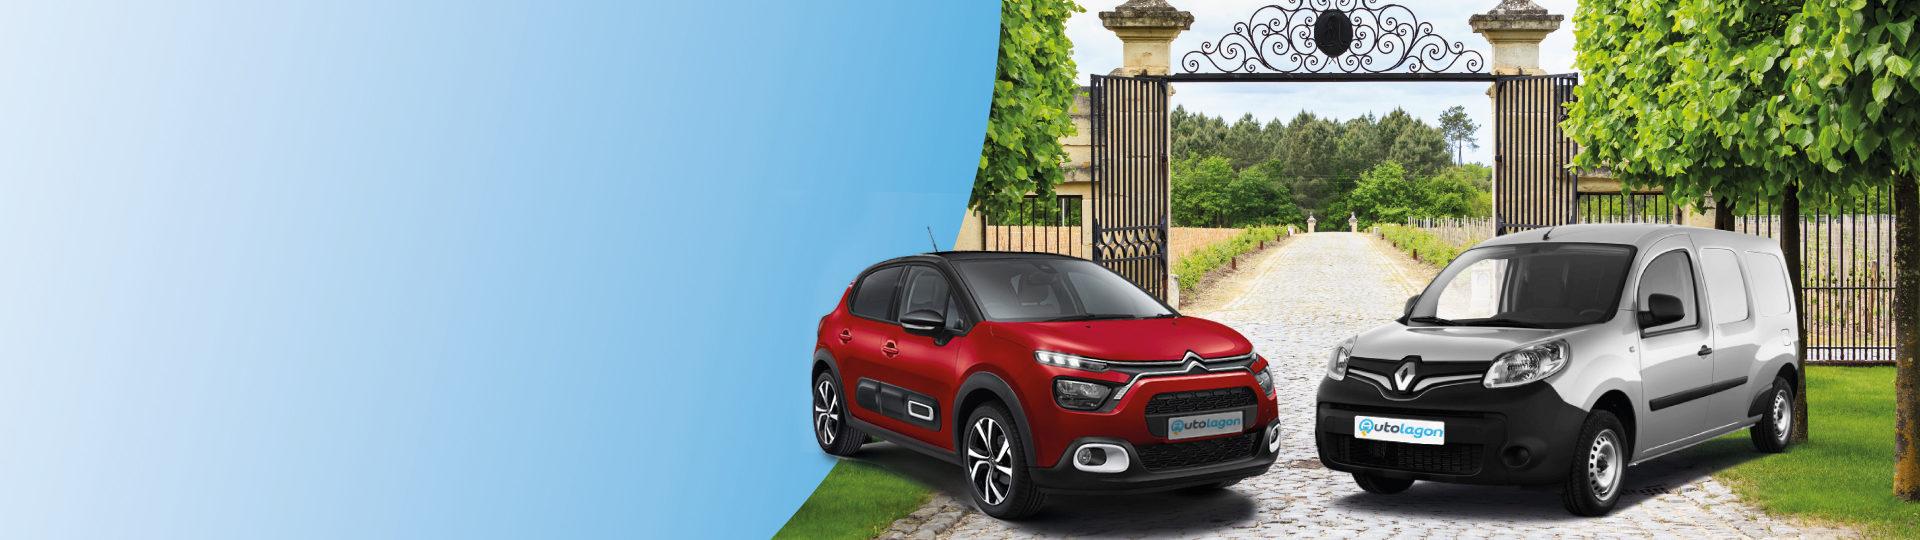 Réservez votre voiture de location au meilleur prix à Bordeaux - St Jean d'Illac